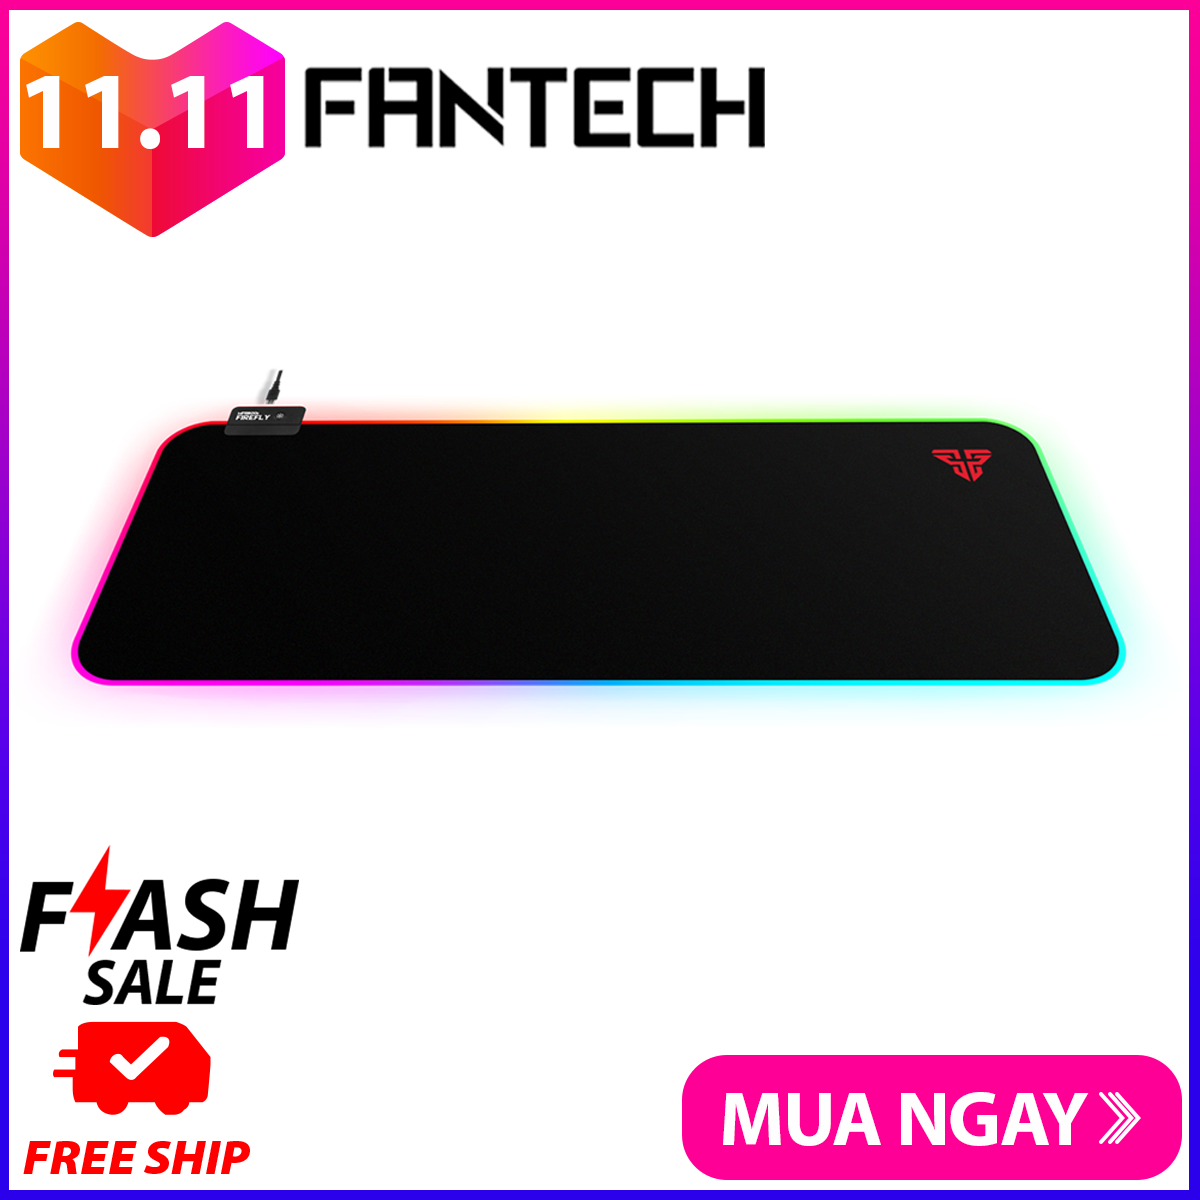 Lót Chuột Gaming Fullsized Fantech MPR800s FIREFLY Viền LED RGB 7 Chế Độ Bề Mặt Láng Mịn Di Chuột Siêu Mượt Đế Cao Su Chống Trượt – Hãng Phân Phối Chính Thức